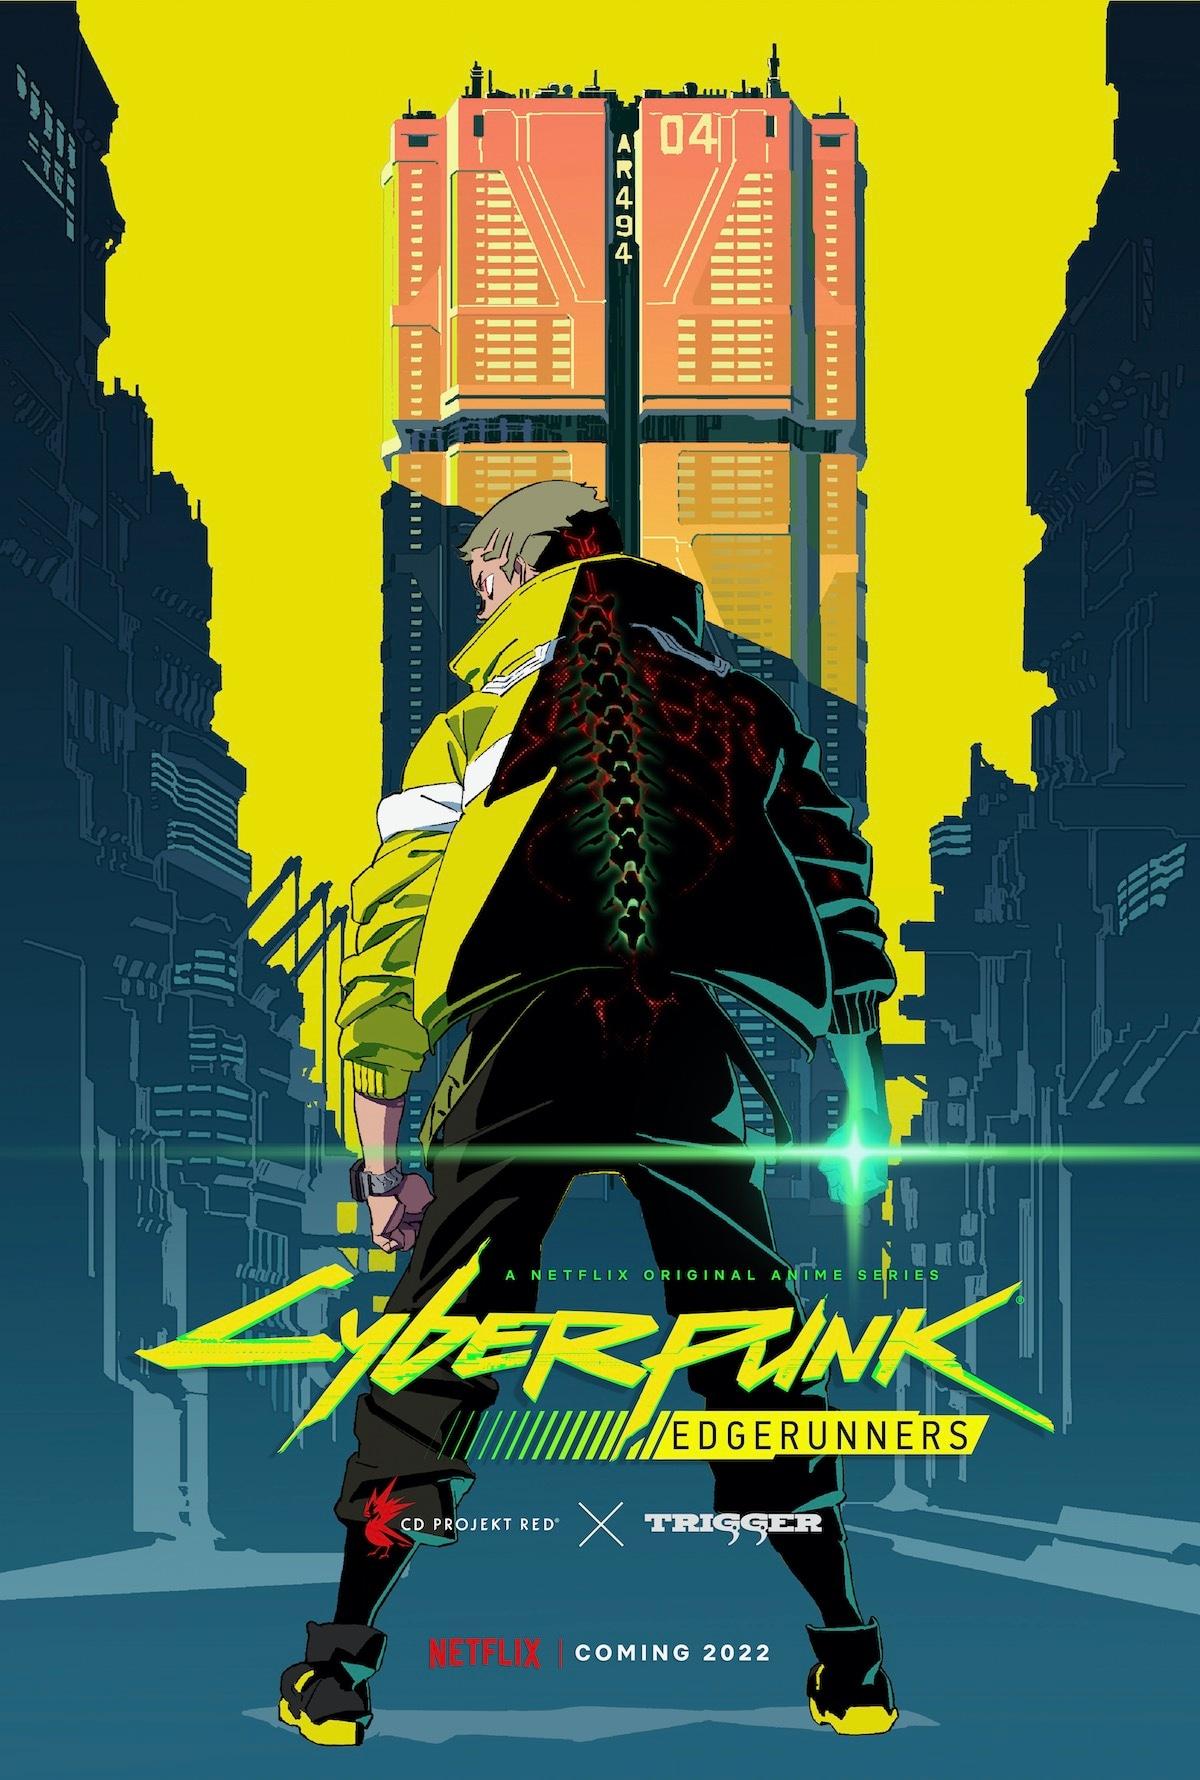 cyberpunk edgerunners poster Cyberpunk Edgerunners Netflix poster